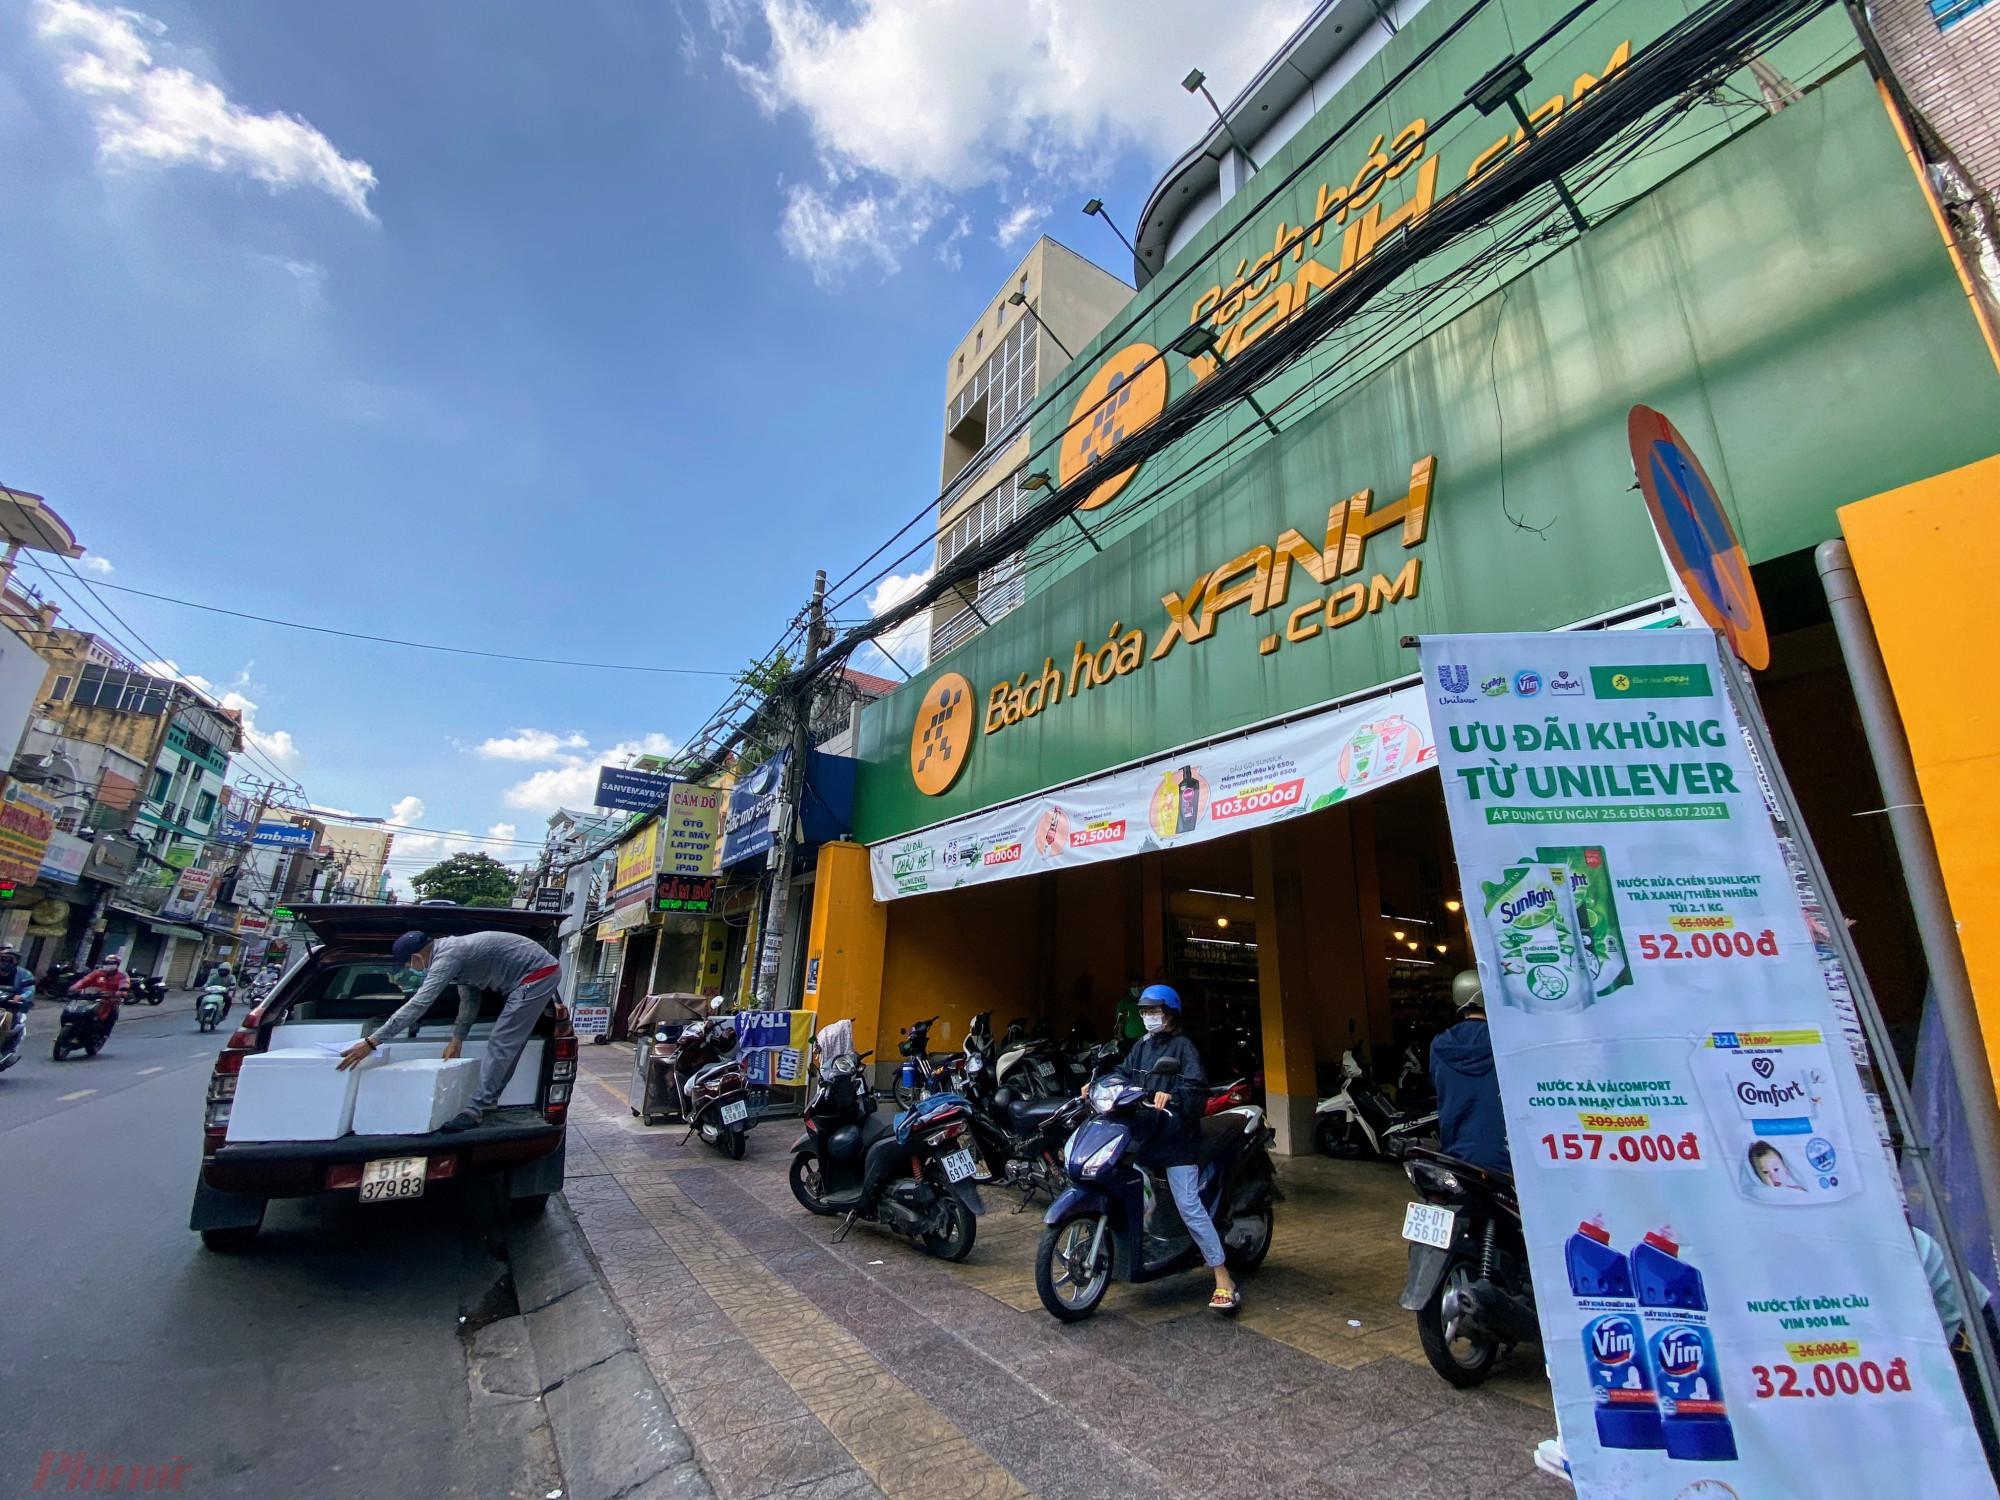 Người dân TPHCM mua hàng tại Bách hóa Xanh.